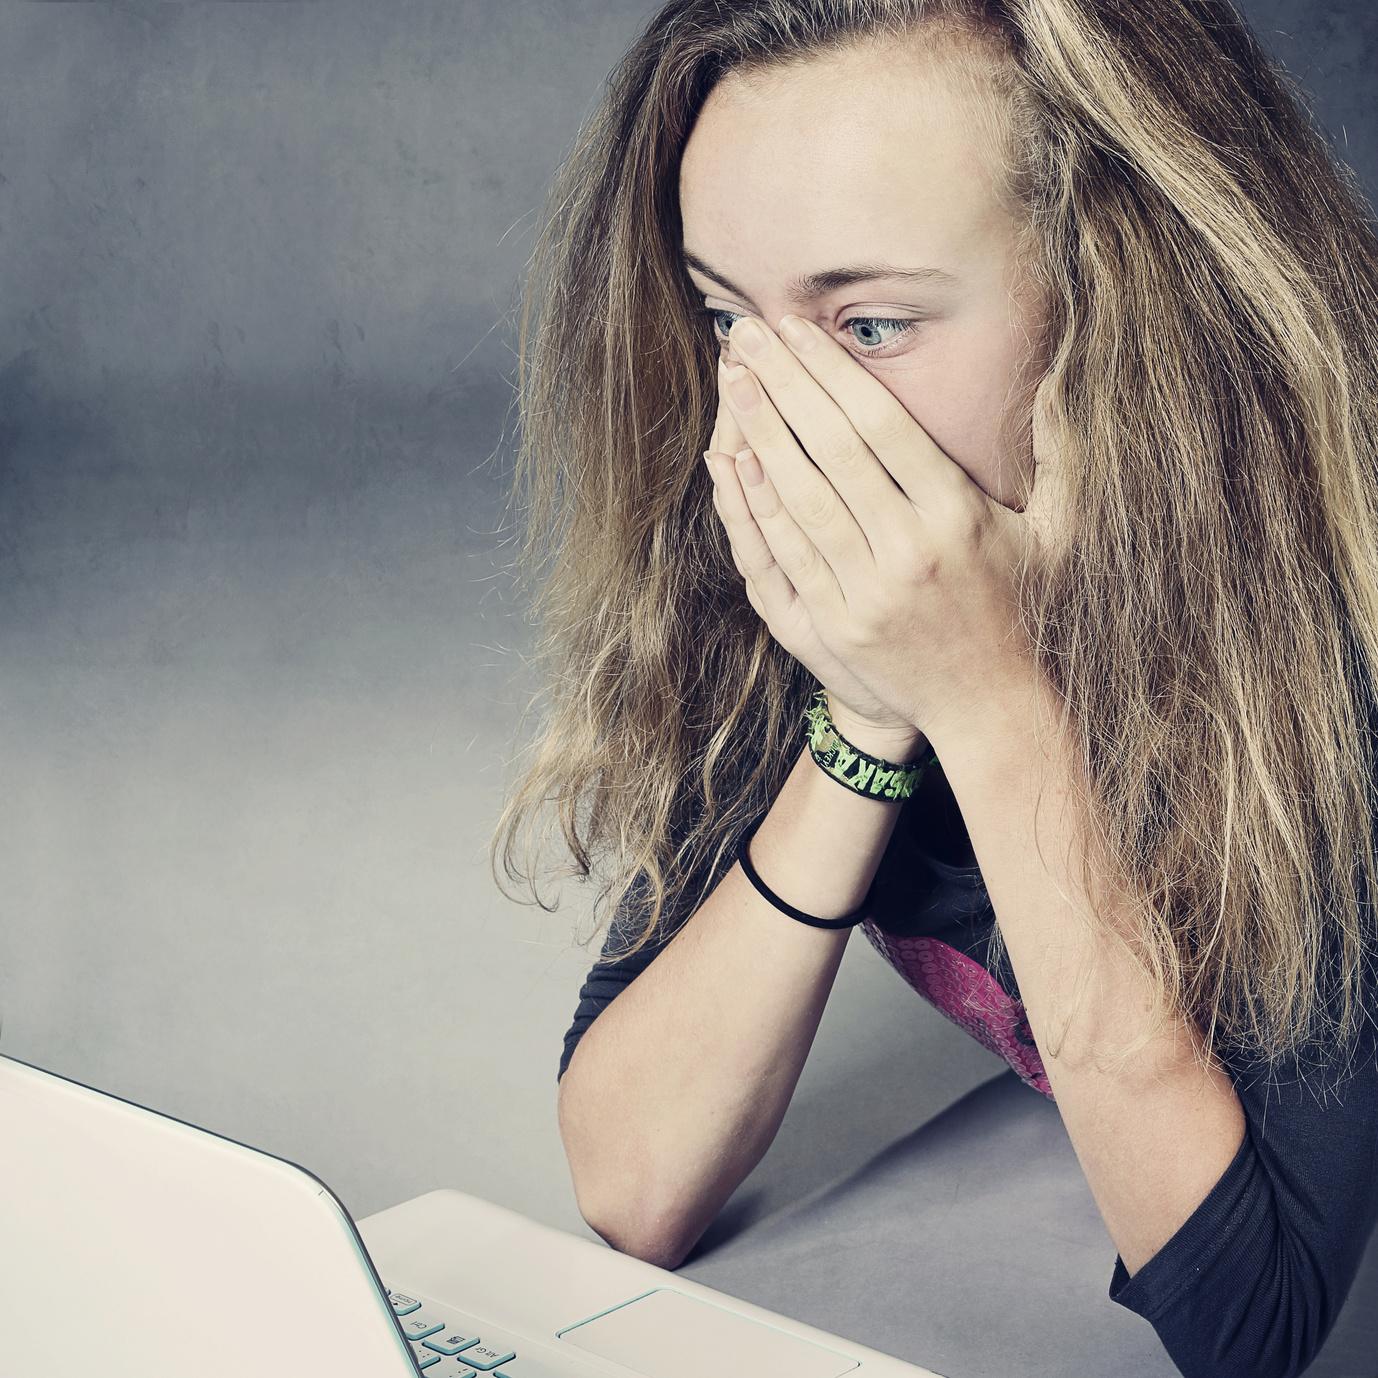 Mit Jugendlichen über die Risiken des Internets sprechen - Tipps für Eltern